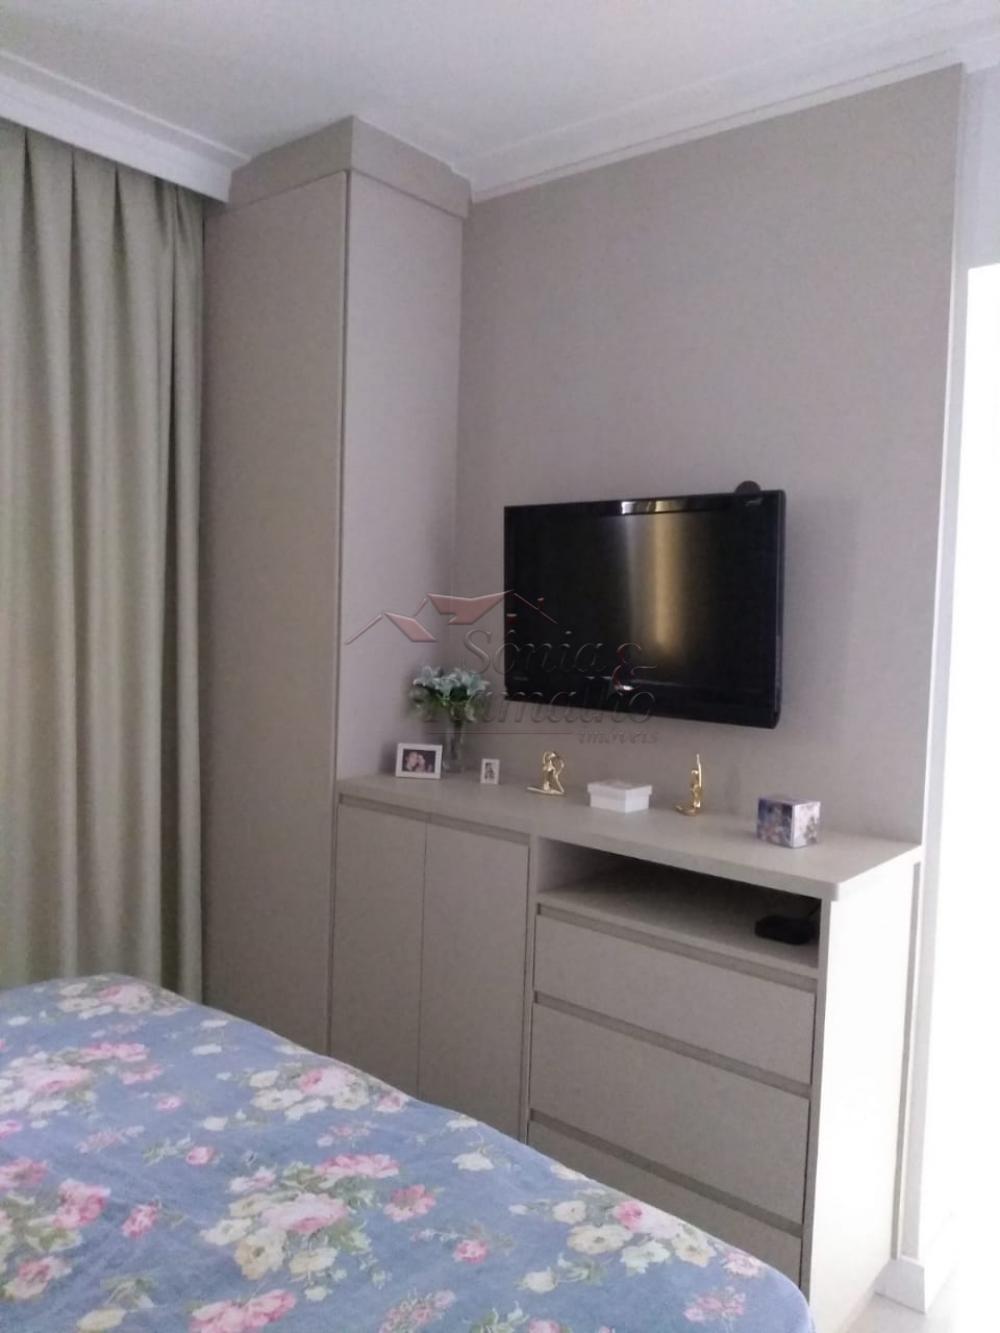 Alugar Apartamentos / Padrão em Ribeirão Preto apenas R$ 2.700,00 - Foto 21